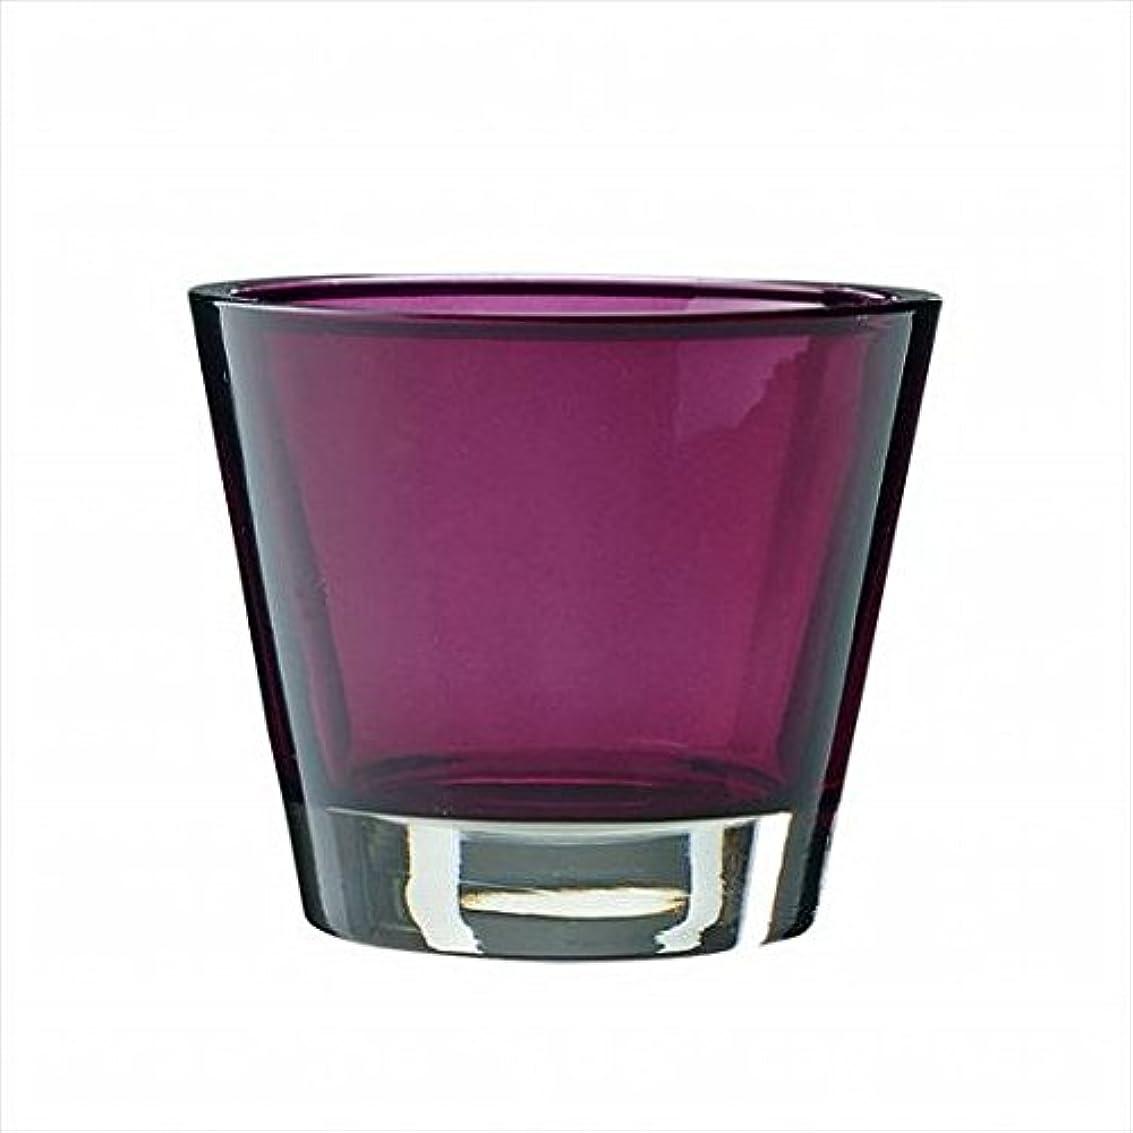 マーベル軽量赤字kameyama candle(カメヤマキャンドル) カラリス 「 プラム 」 キャンドル 82x82x70mm (J2540000PL)